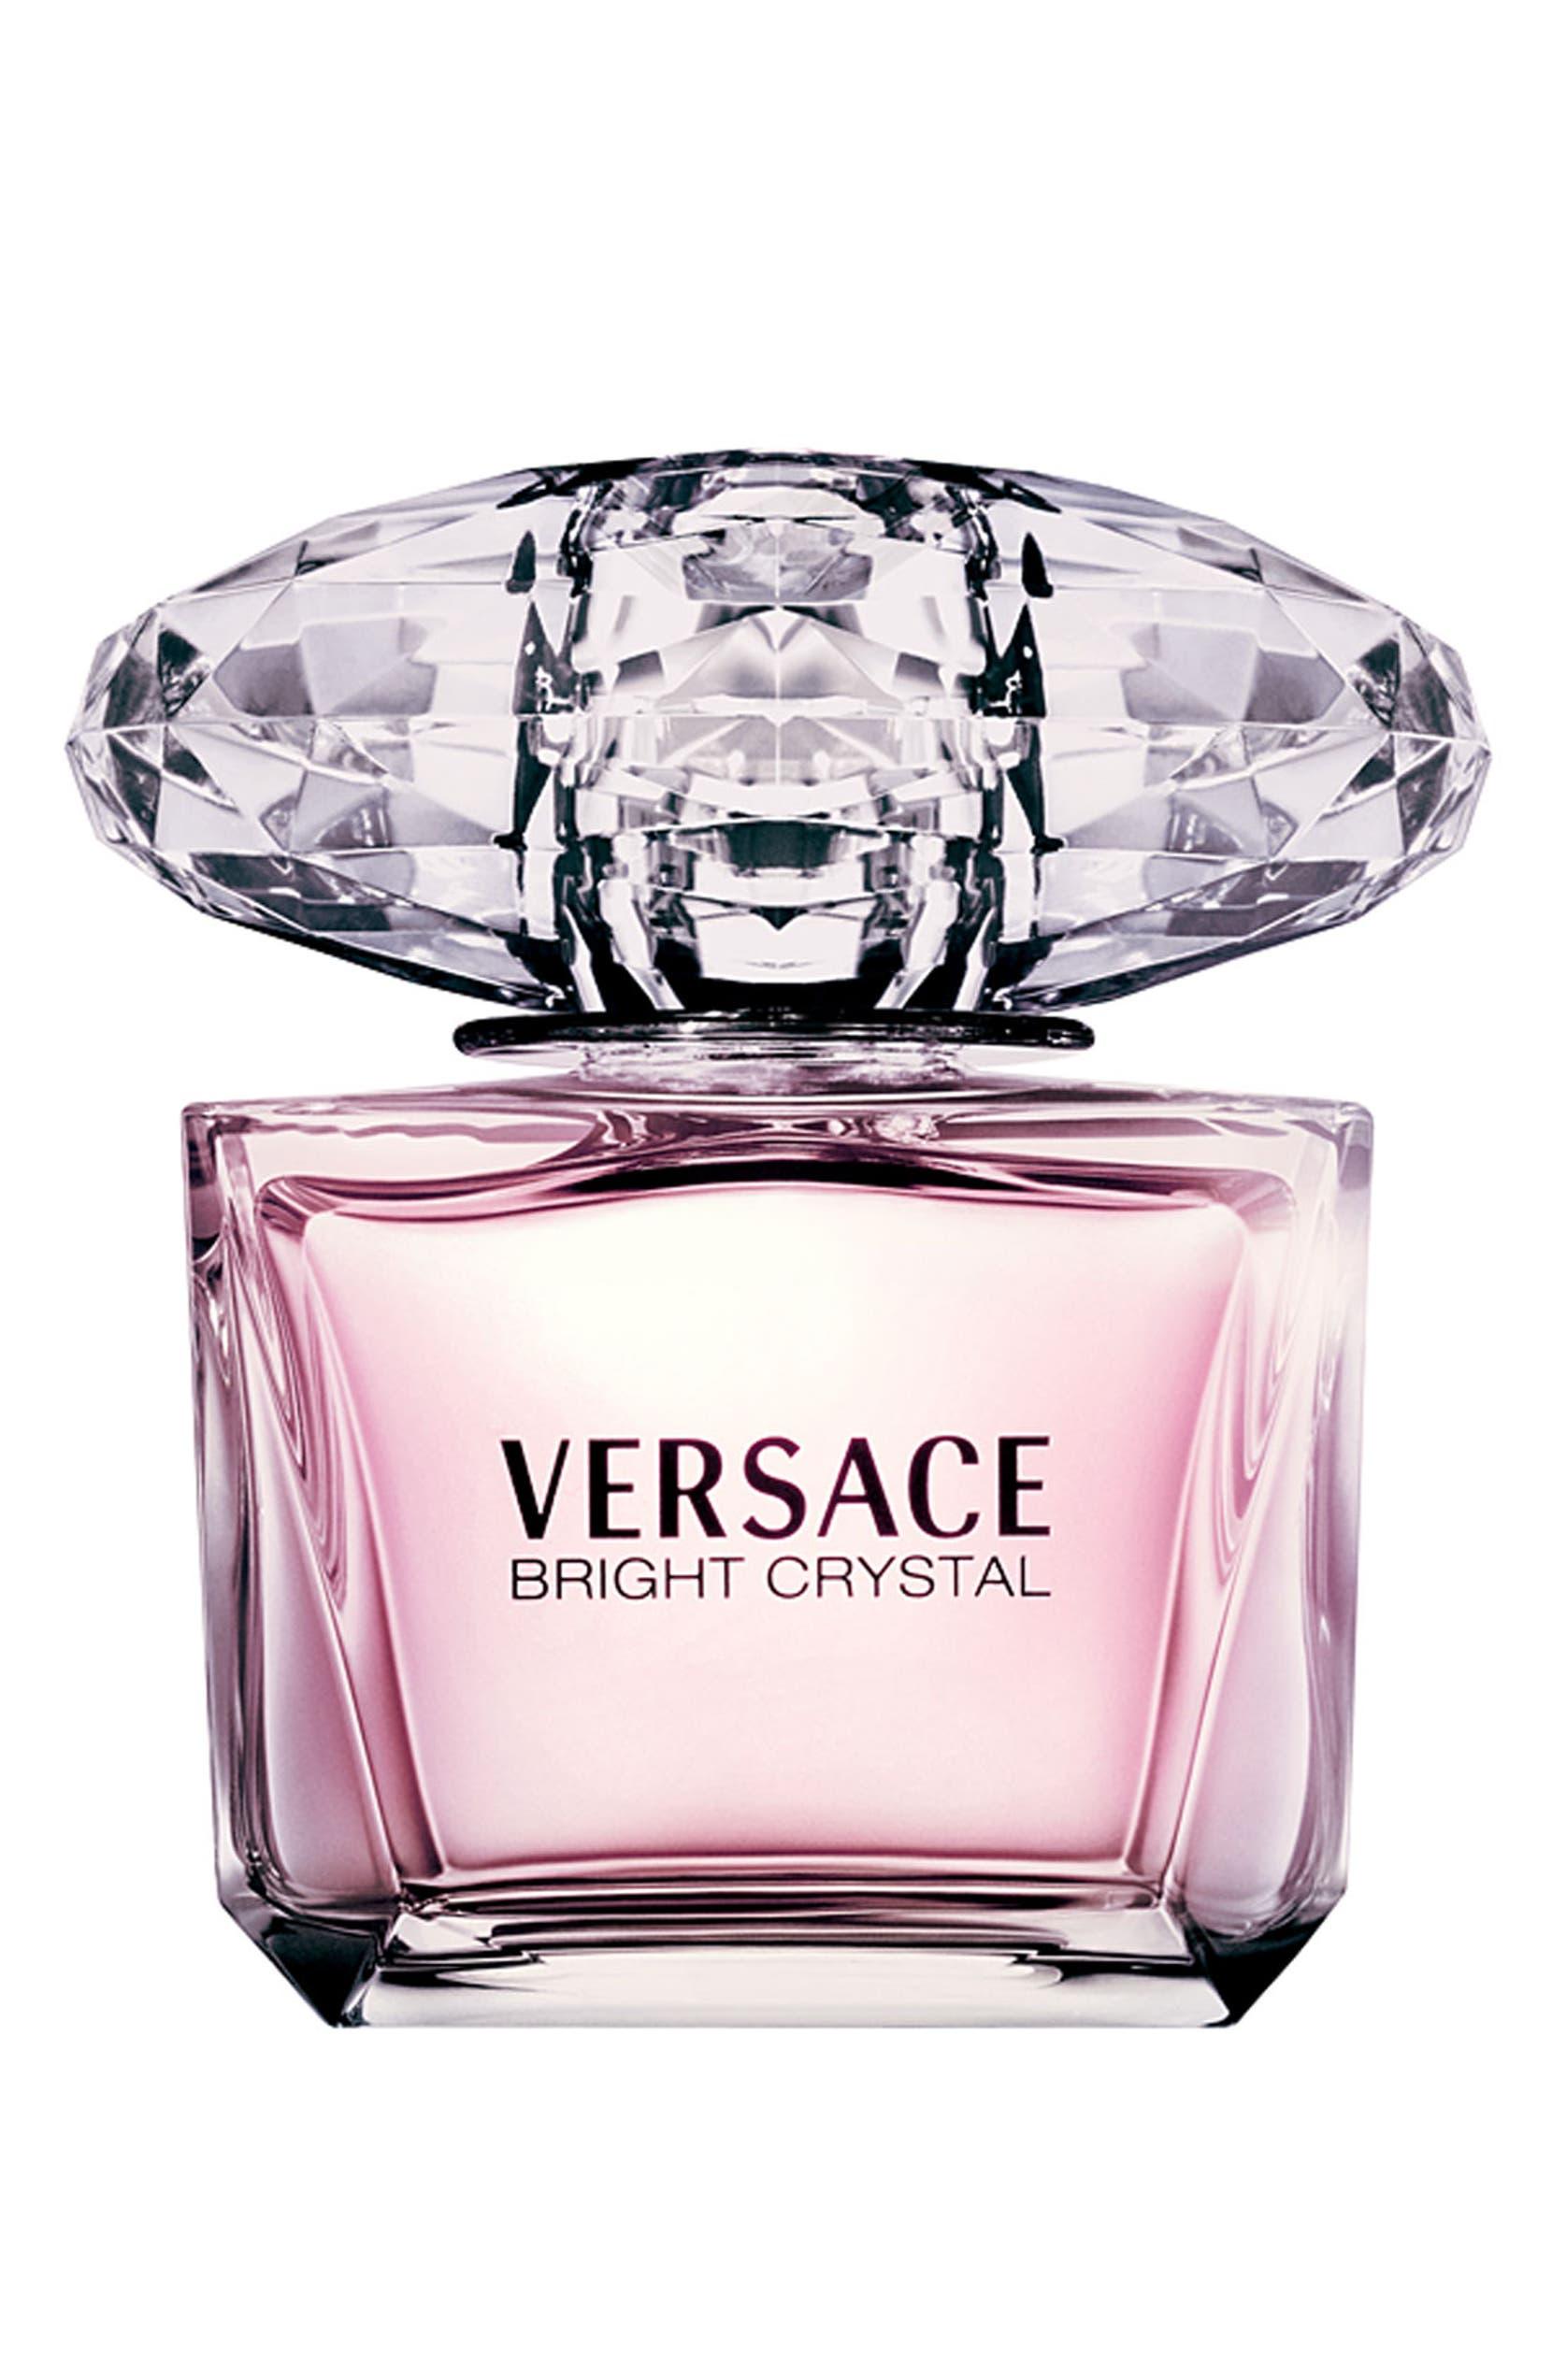 Bright Bright Toilette De Eau De Crystal Eau Bright De Eau Toilette Crystal Crystal mI7Ybgvf6y